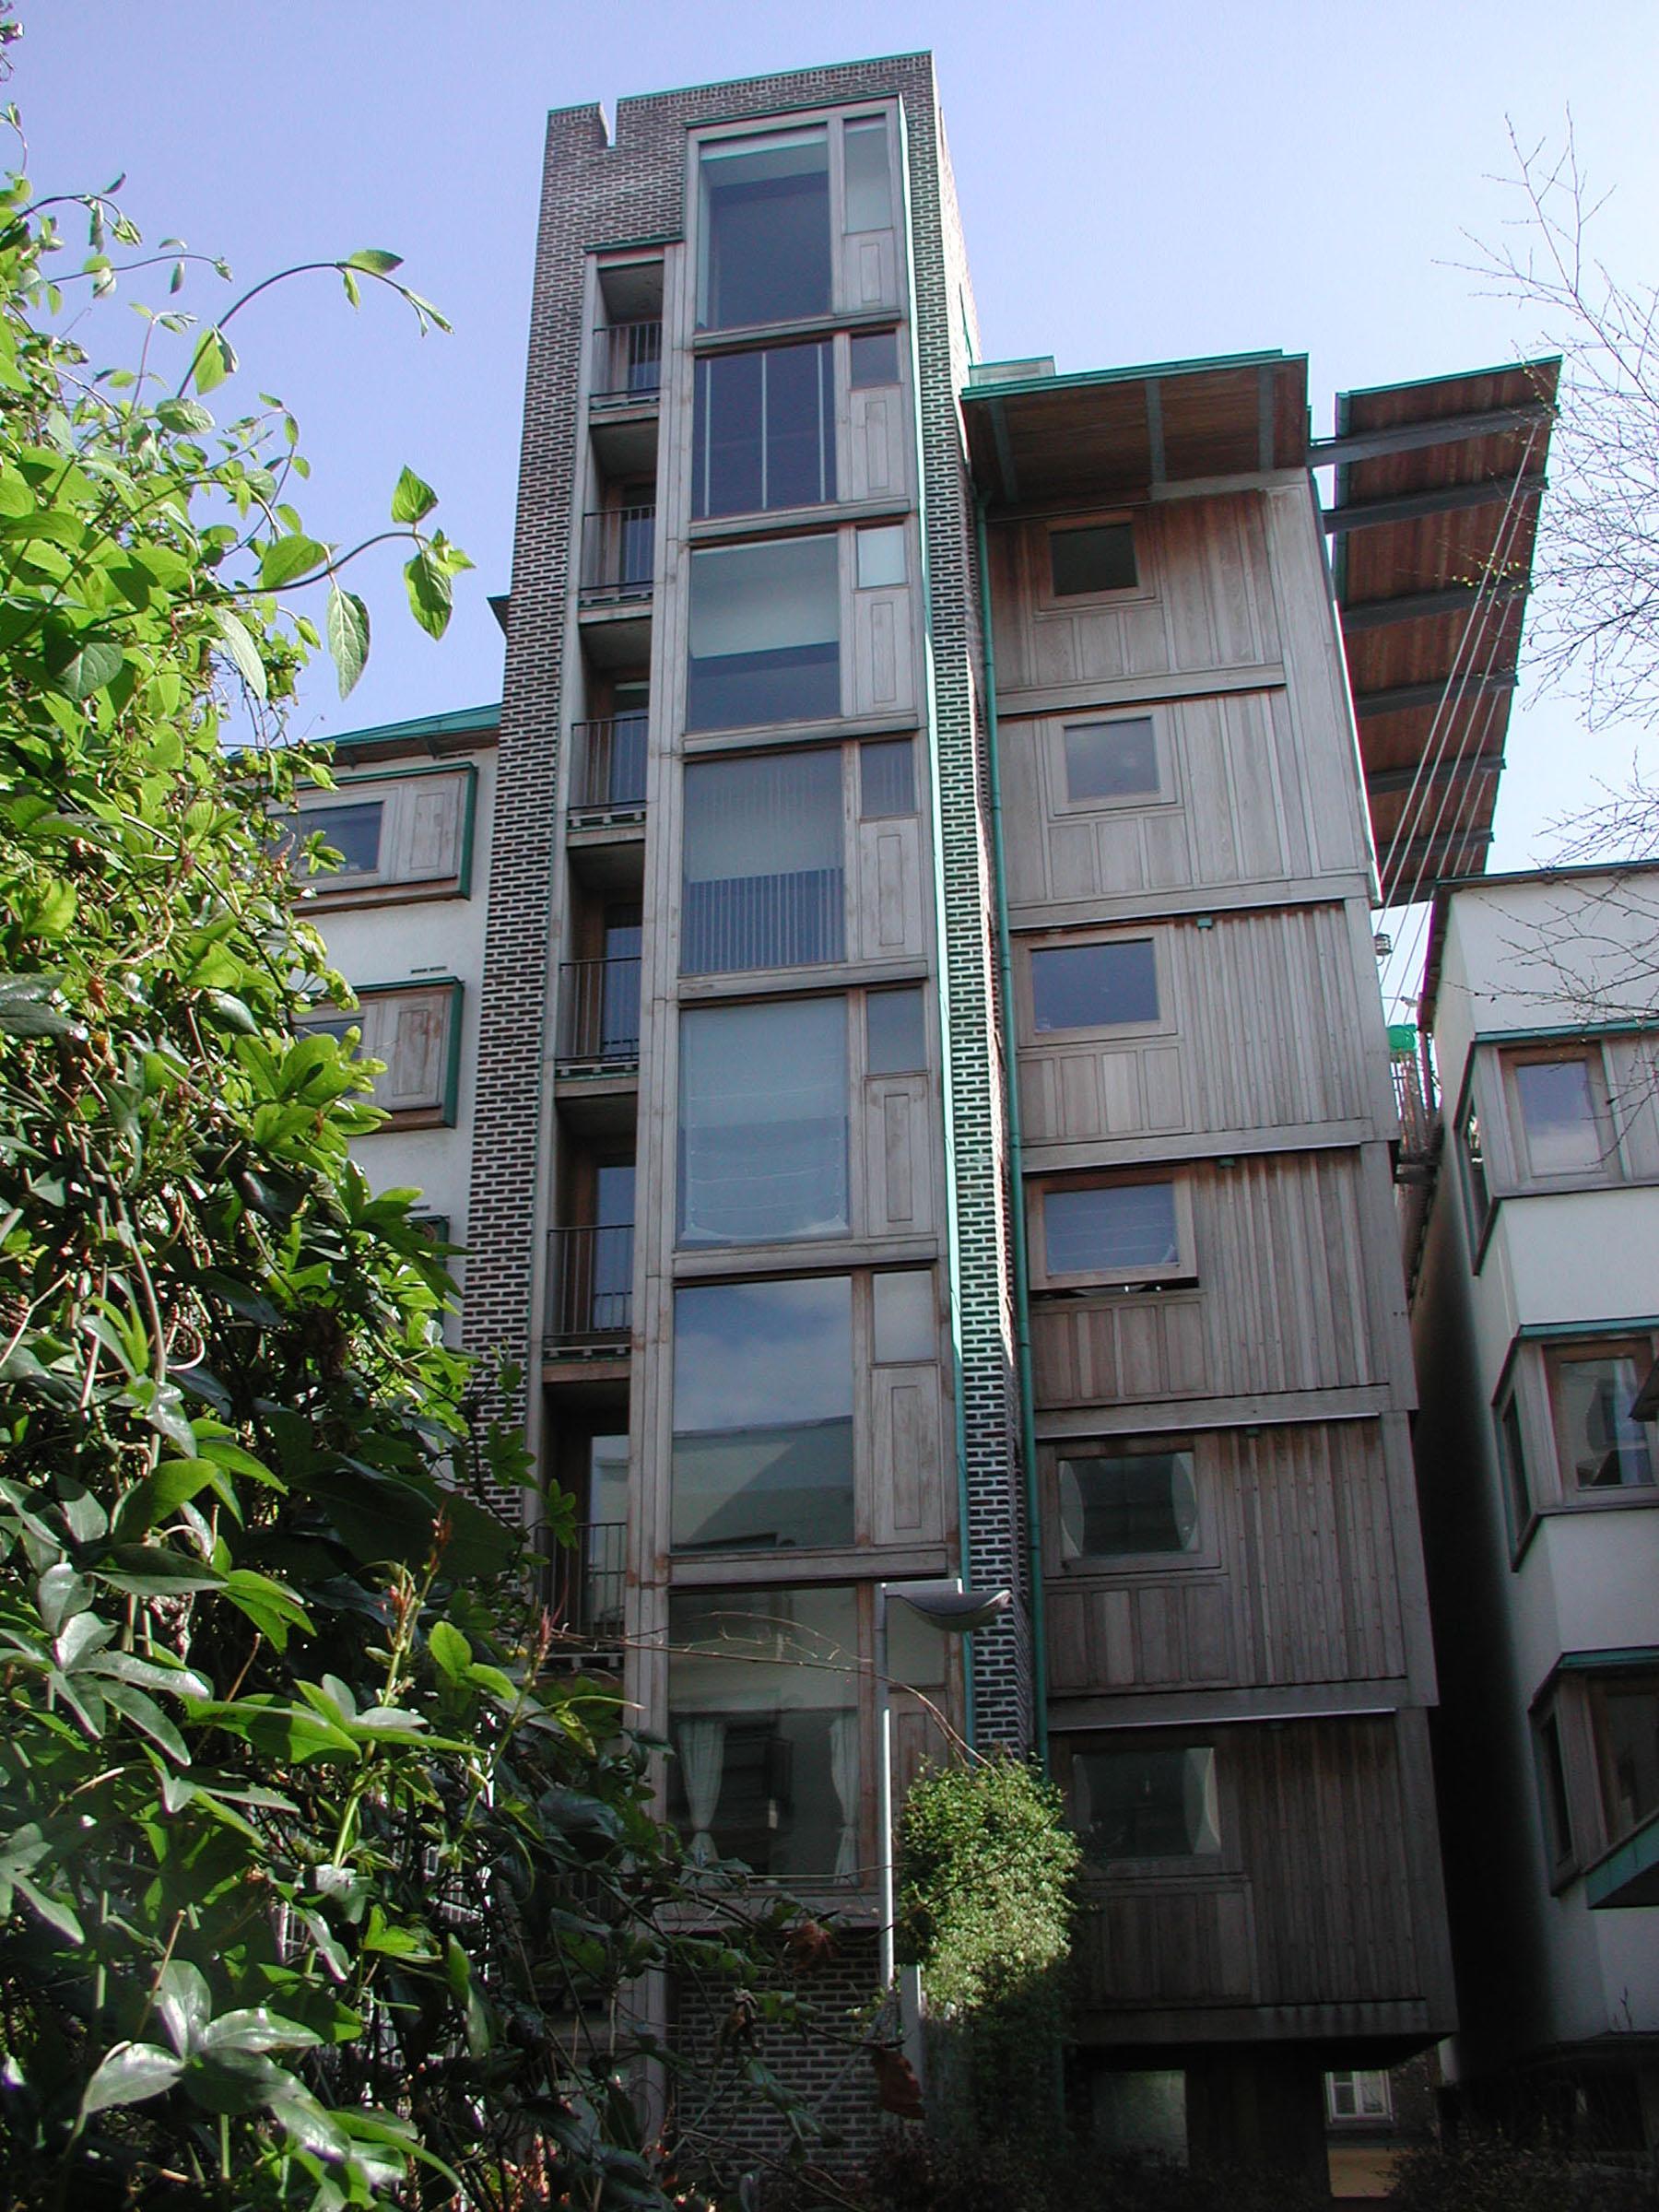 Wooden Building 4